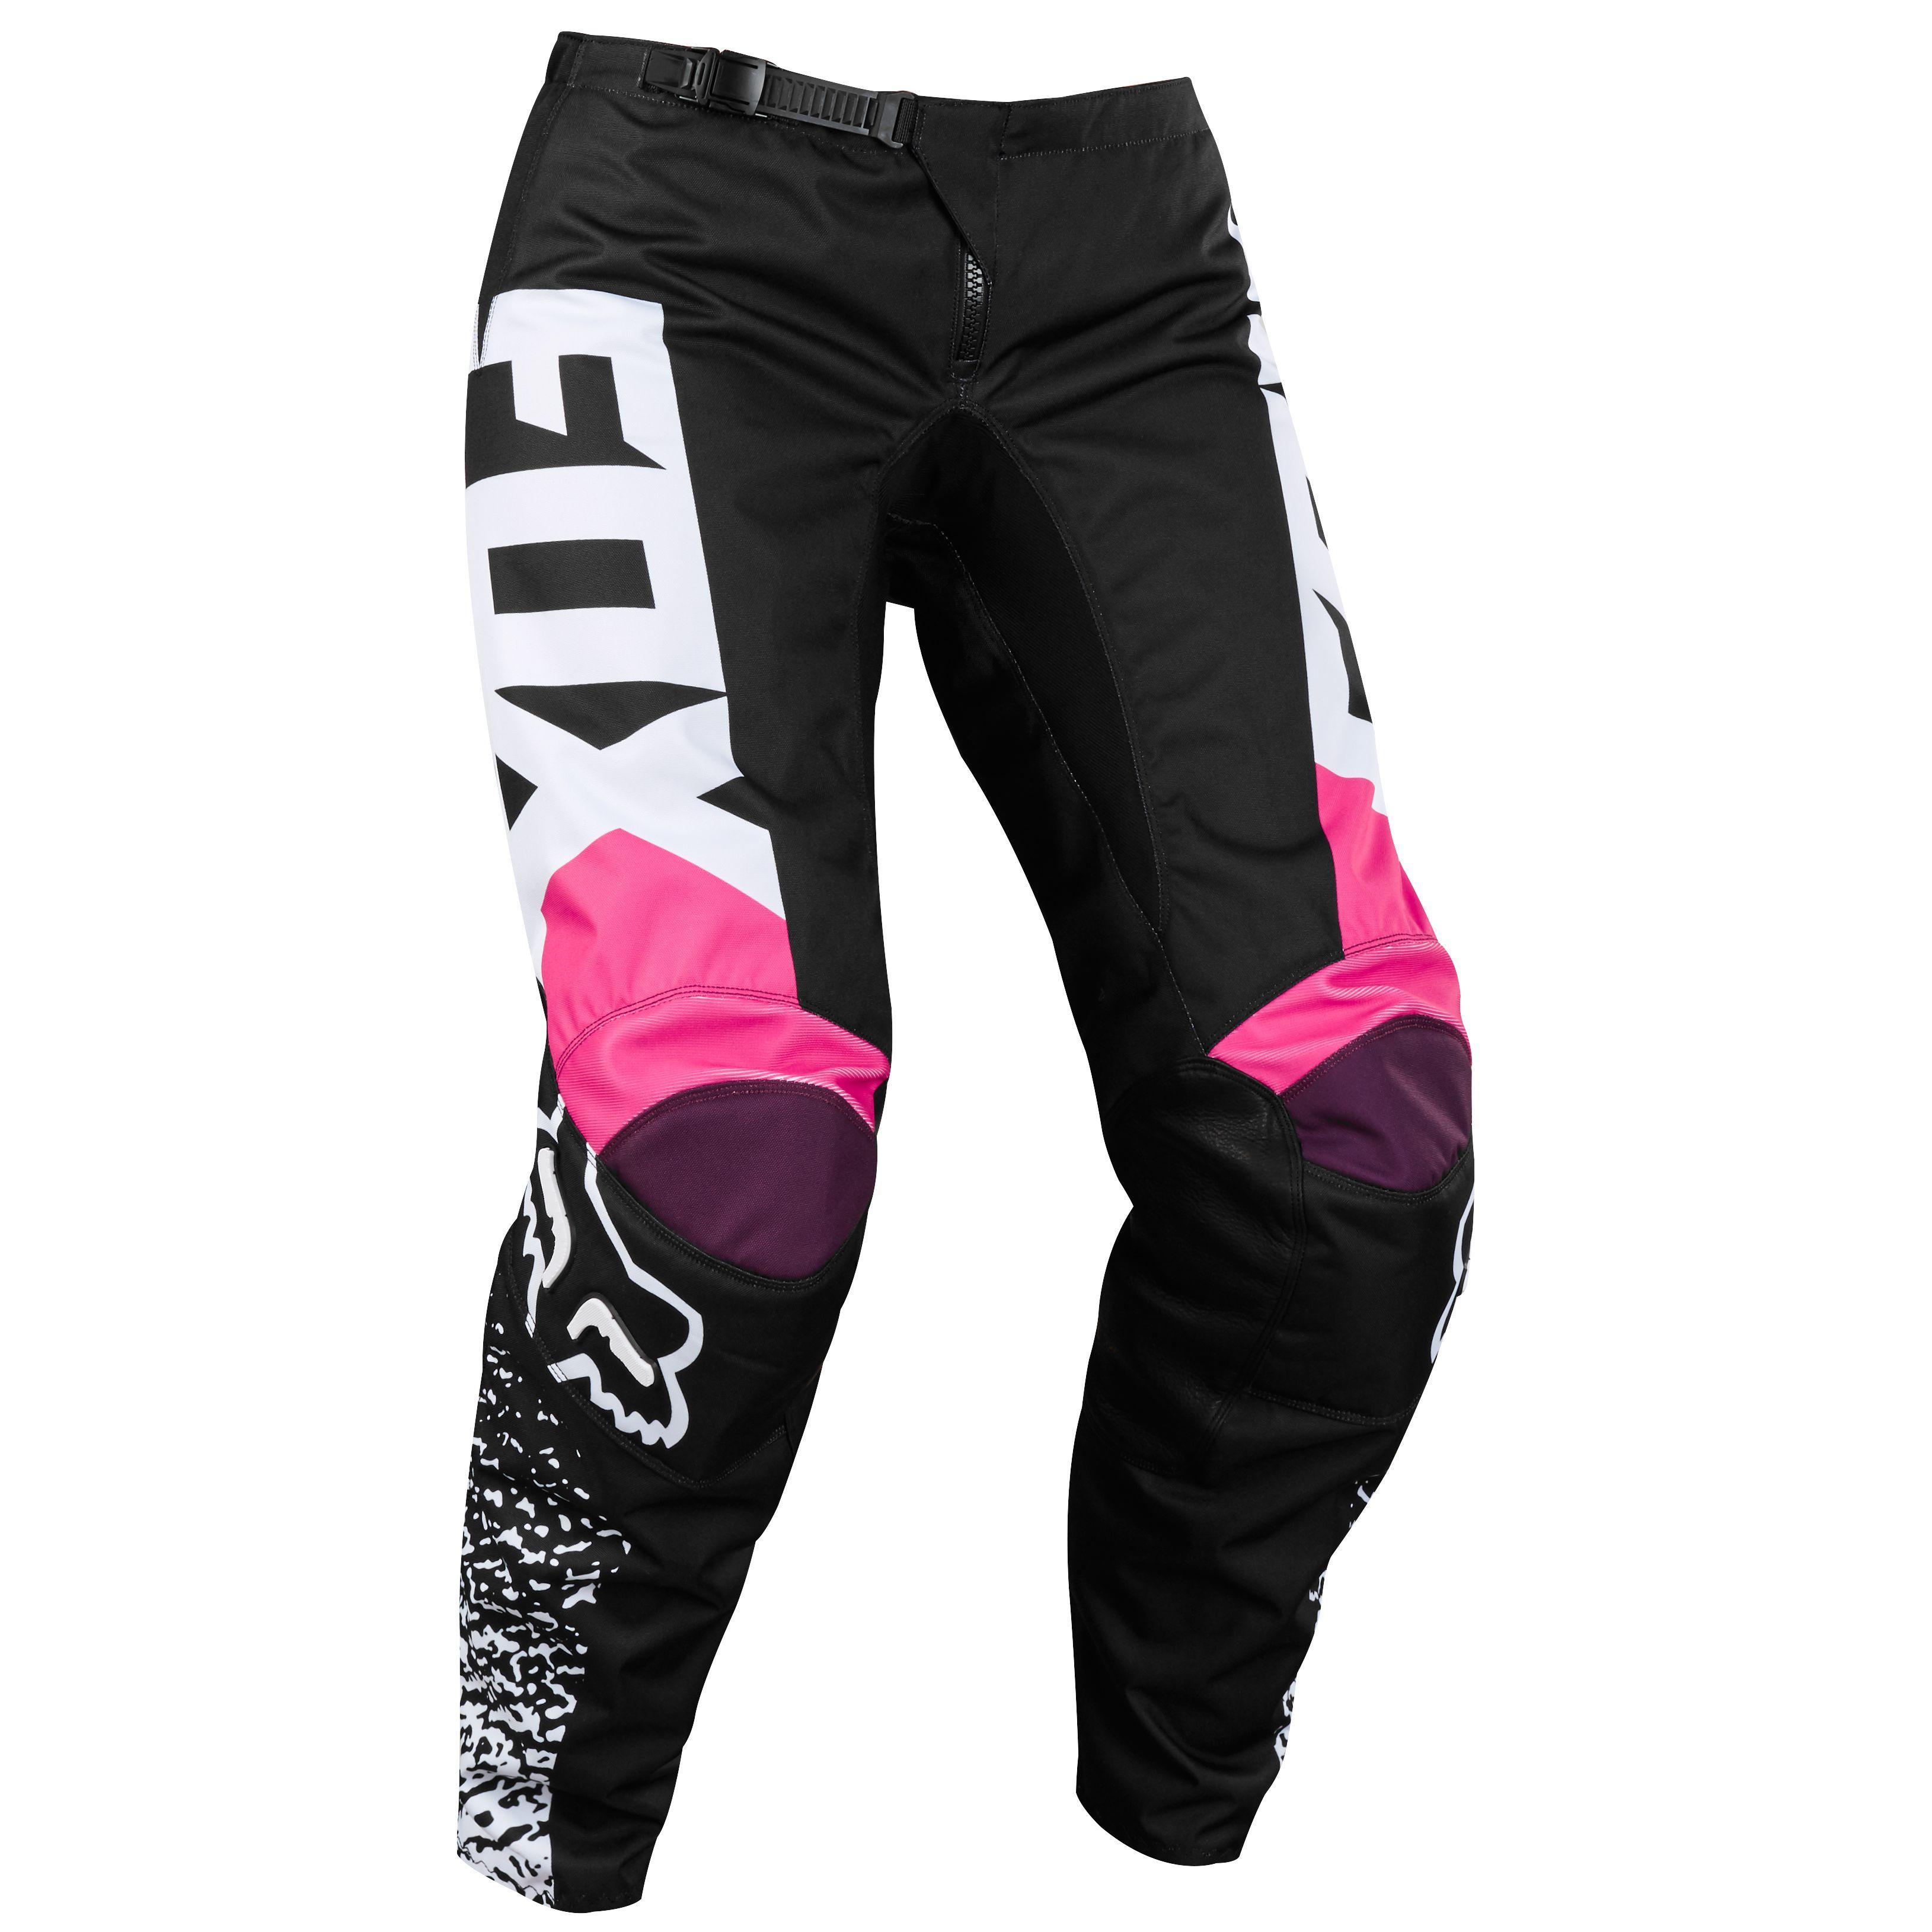 Rebajas Pantalón de motocross Fox 180 YOUTH GIRLS - NEGRO ROSA ... 5e4785e287e